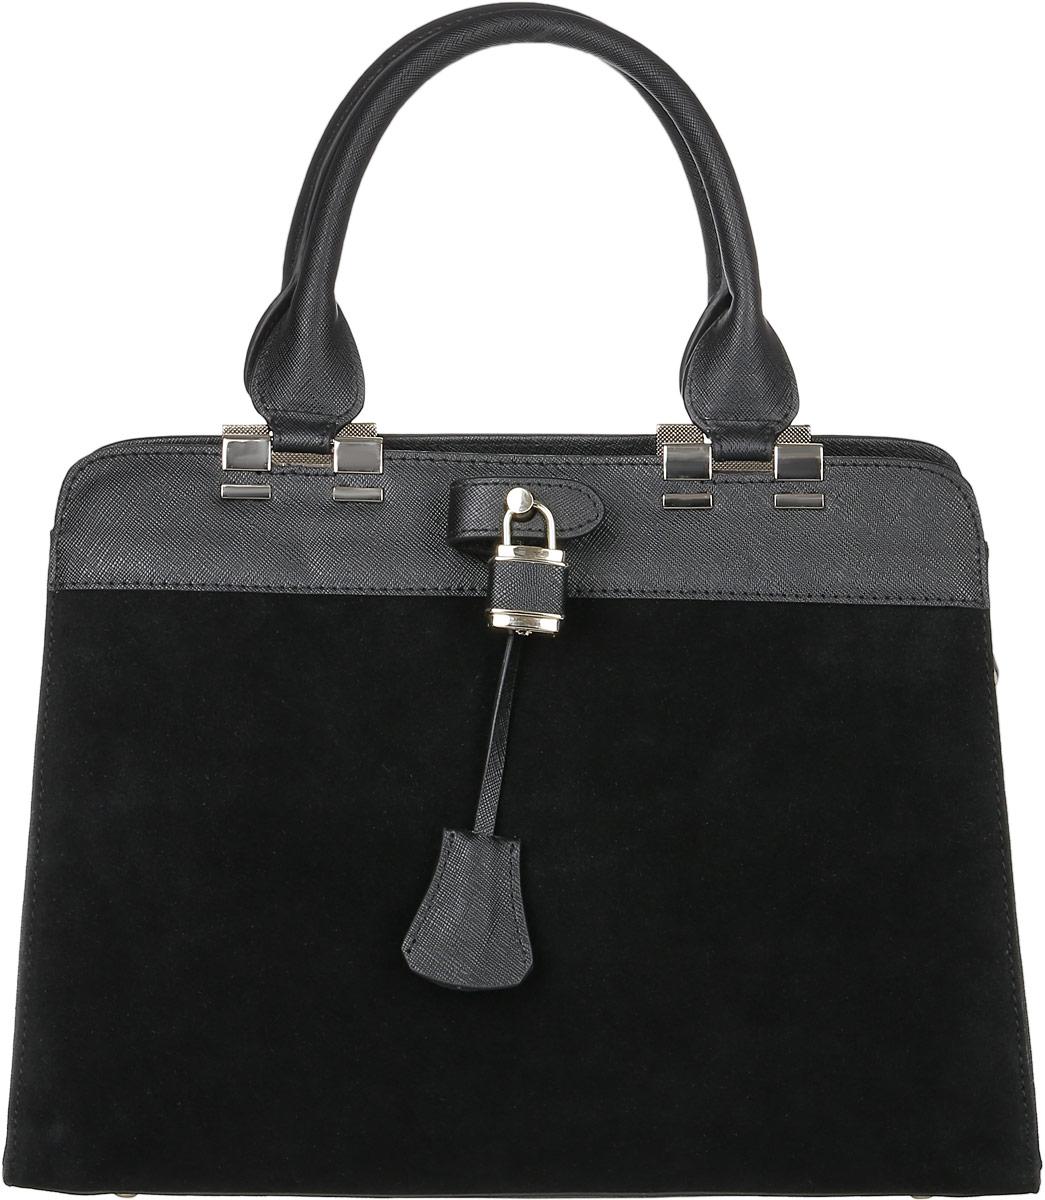 Сумка женская Vita Pelle, цвет: черный. 3055-53055-5 gam saffianoСтильная женская сумка Vita Pelle изготовлена из натуральной кожи. Лицевая часть модели выполнена из натуральной замши. Изделие имеет одно вместительное отделение. Внутри расположены два накладных открытых кармана, прорезной карман на застежке-молнии и карман на молнии по середине. Закрывается изделие на застежку-молнию. На задней стенке снаружи карман на молнии. Сумка оснащена наплечным ремнем регулируемым по длине. Изделие украшено металлическим замочком и ключиком к нему. Дно модели дополнено металлическими ножками.